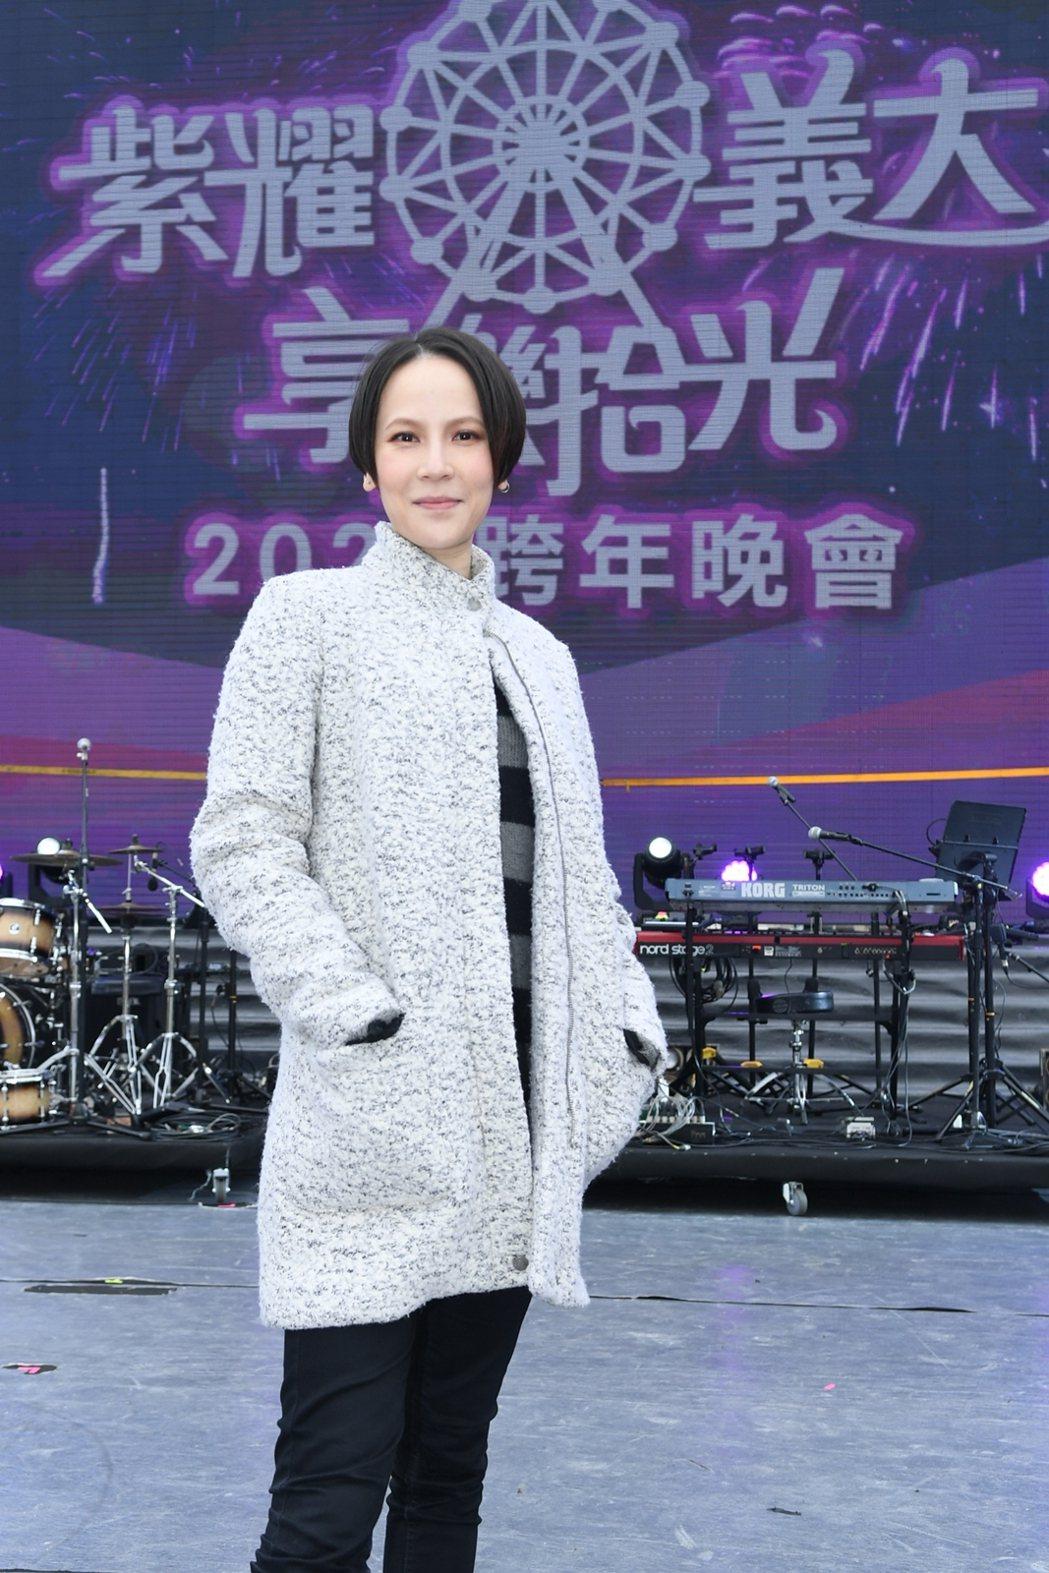 楊乃文將唱經典好歌。圖/華視提供